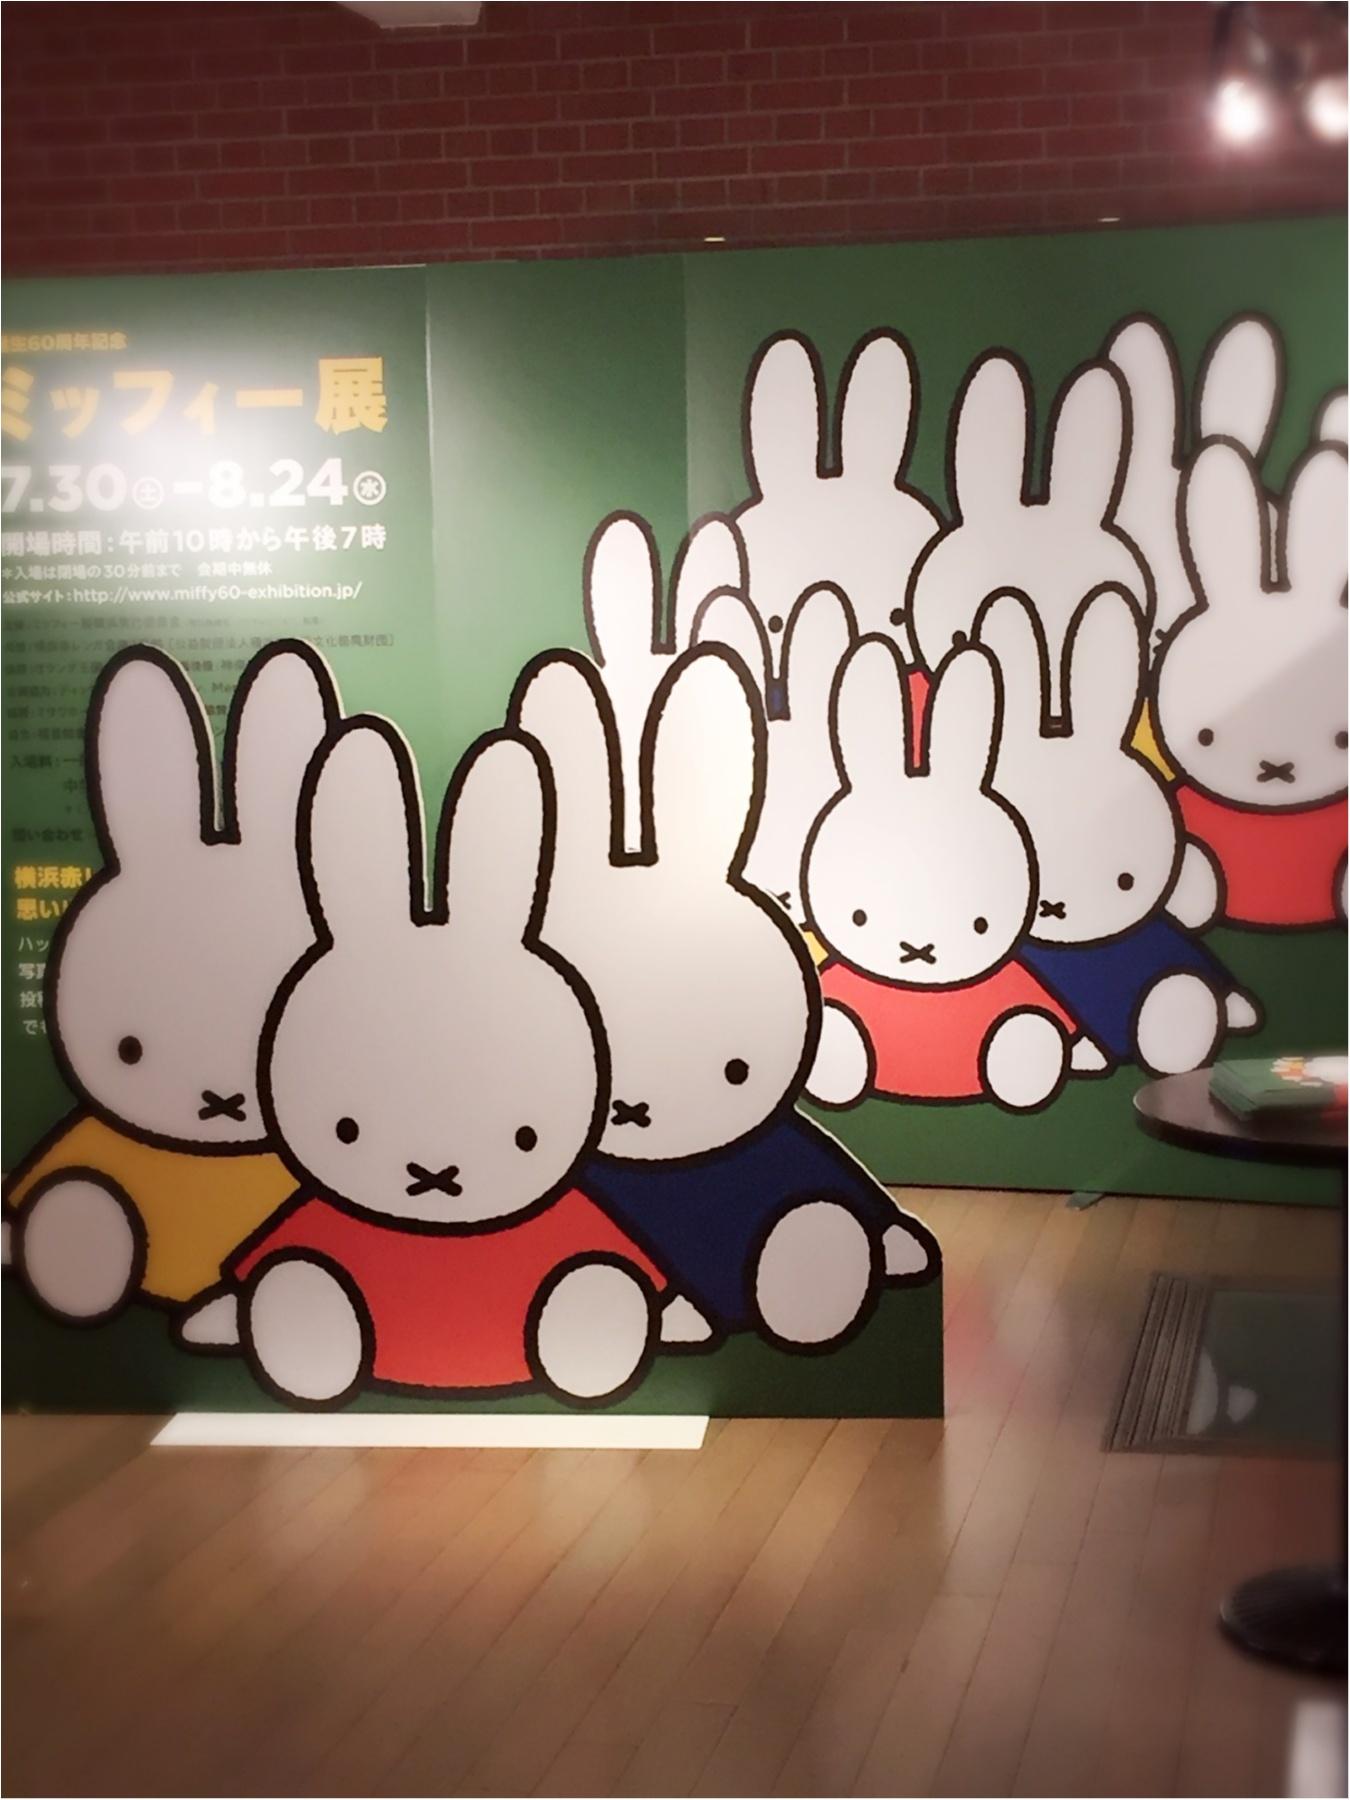 お口の✖︎、白くて長い耳と言えば…横浜赤レンガのミッフィー展へ行ってきました^ ^_1